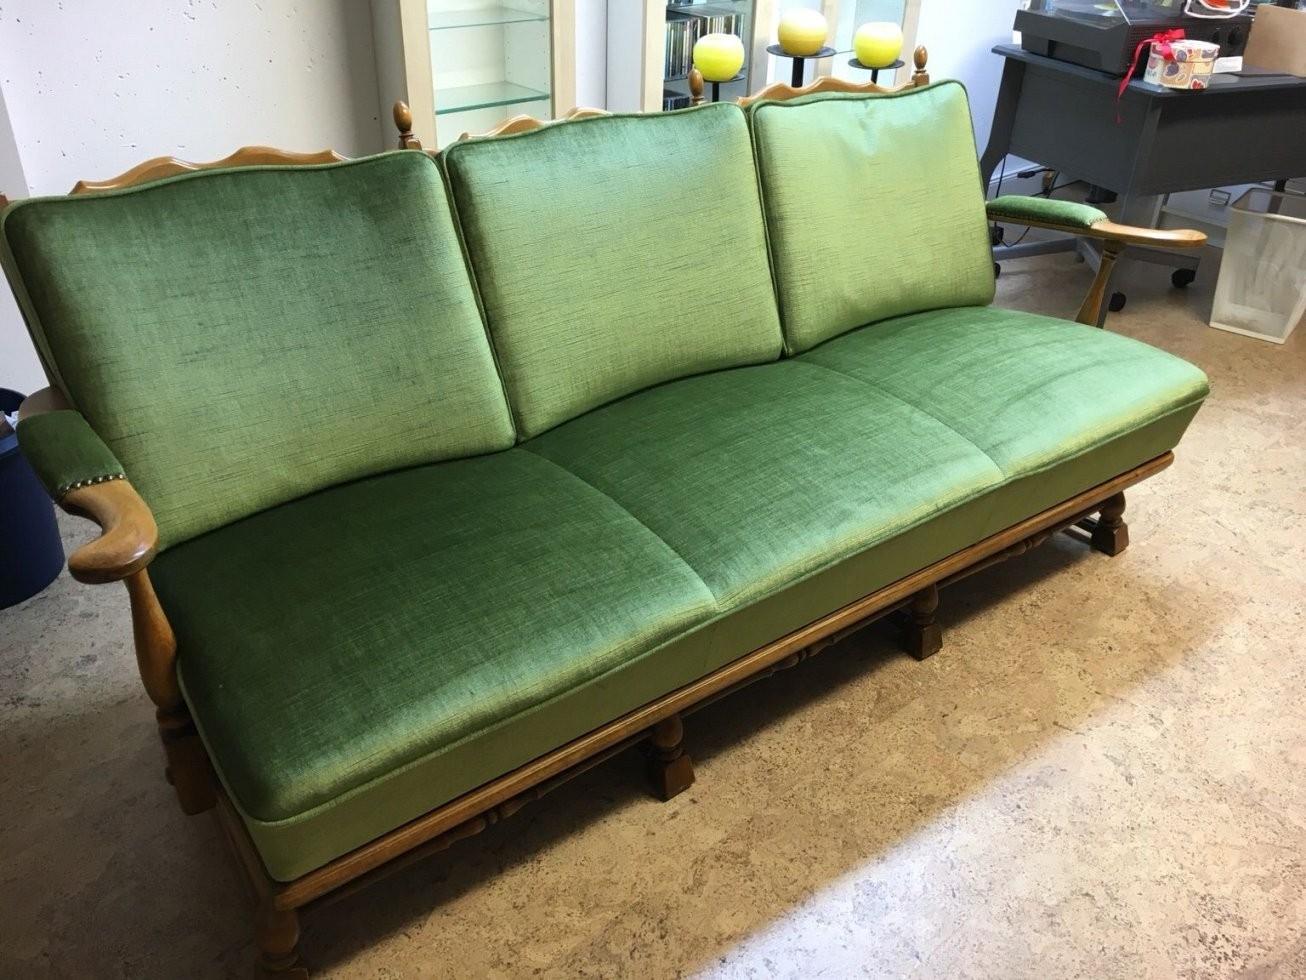 Gebraucht 3 Sitzer Sofa Mit 2 Sessel Antik Vintage In 60599 von 3 Sitzer Sofa Und 2 Sessel Bild